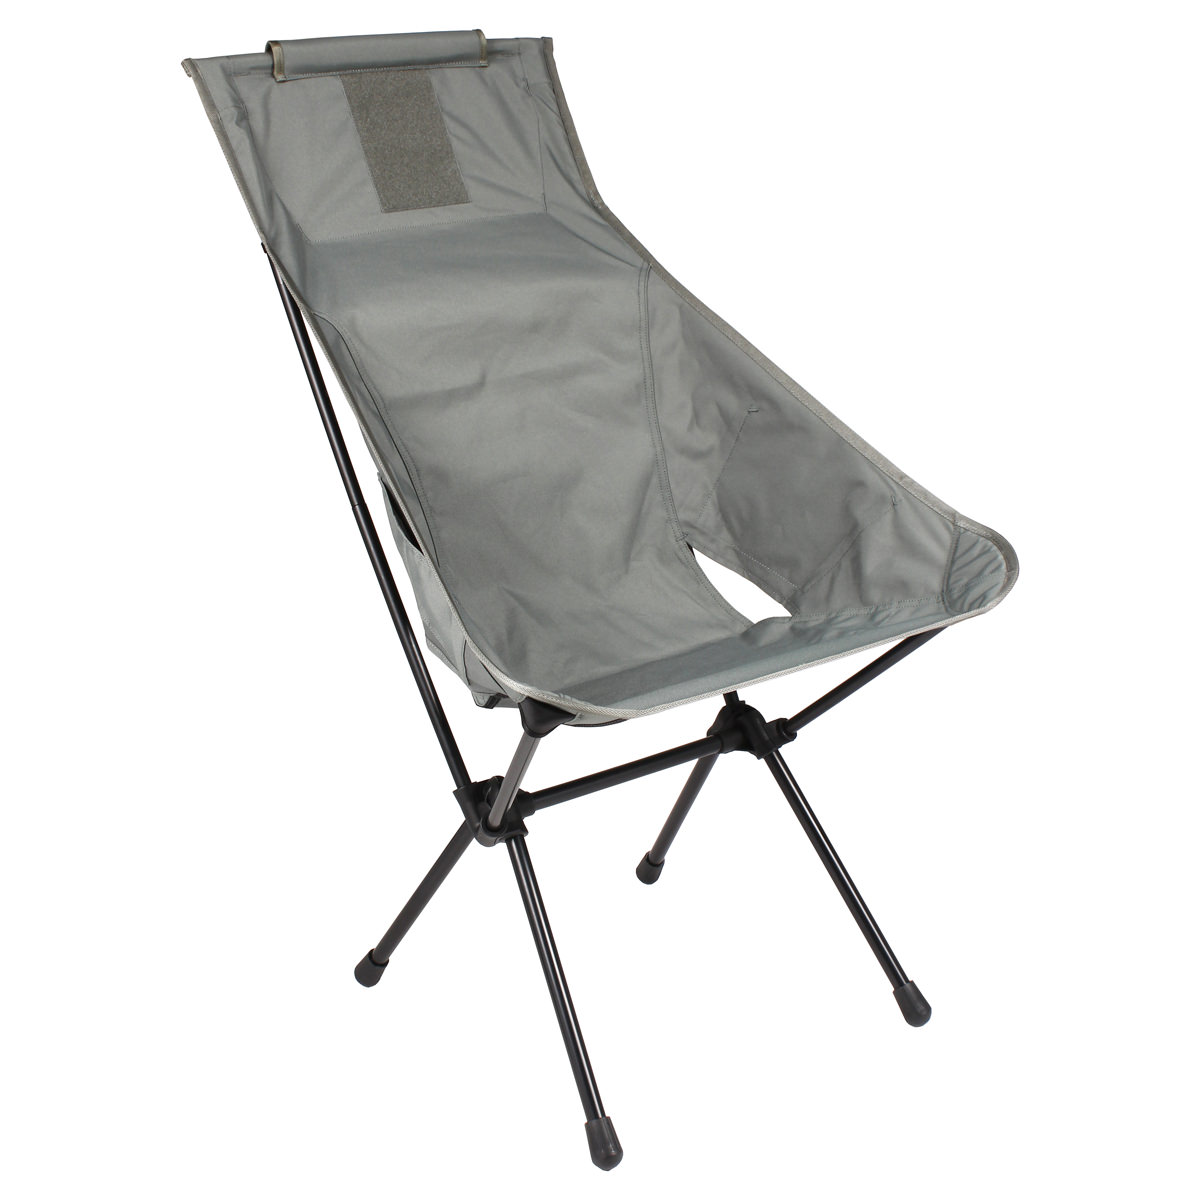 【80】ヘリノックス Helinox タクティカル サンセットチェア Tactical Sunset Chair フォリッジ HN19755009008000 △△5 お取り寄せ